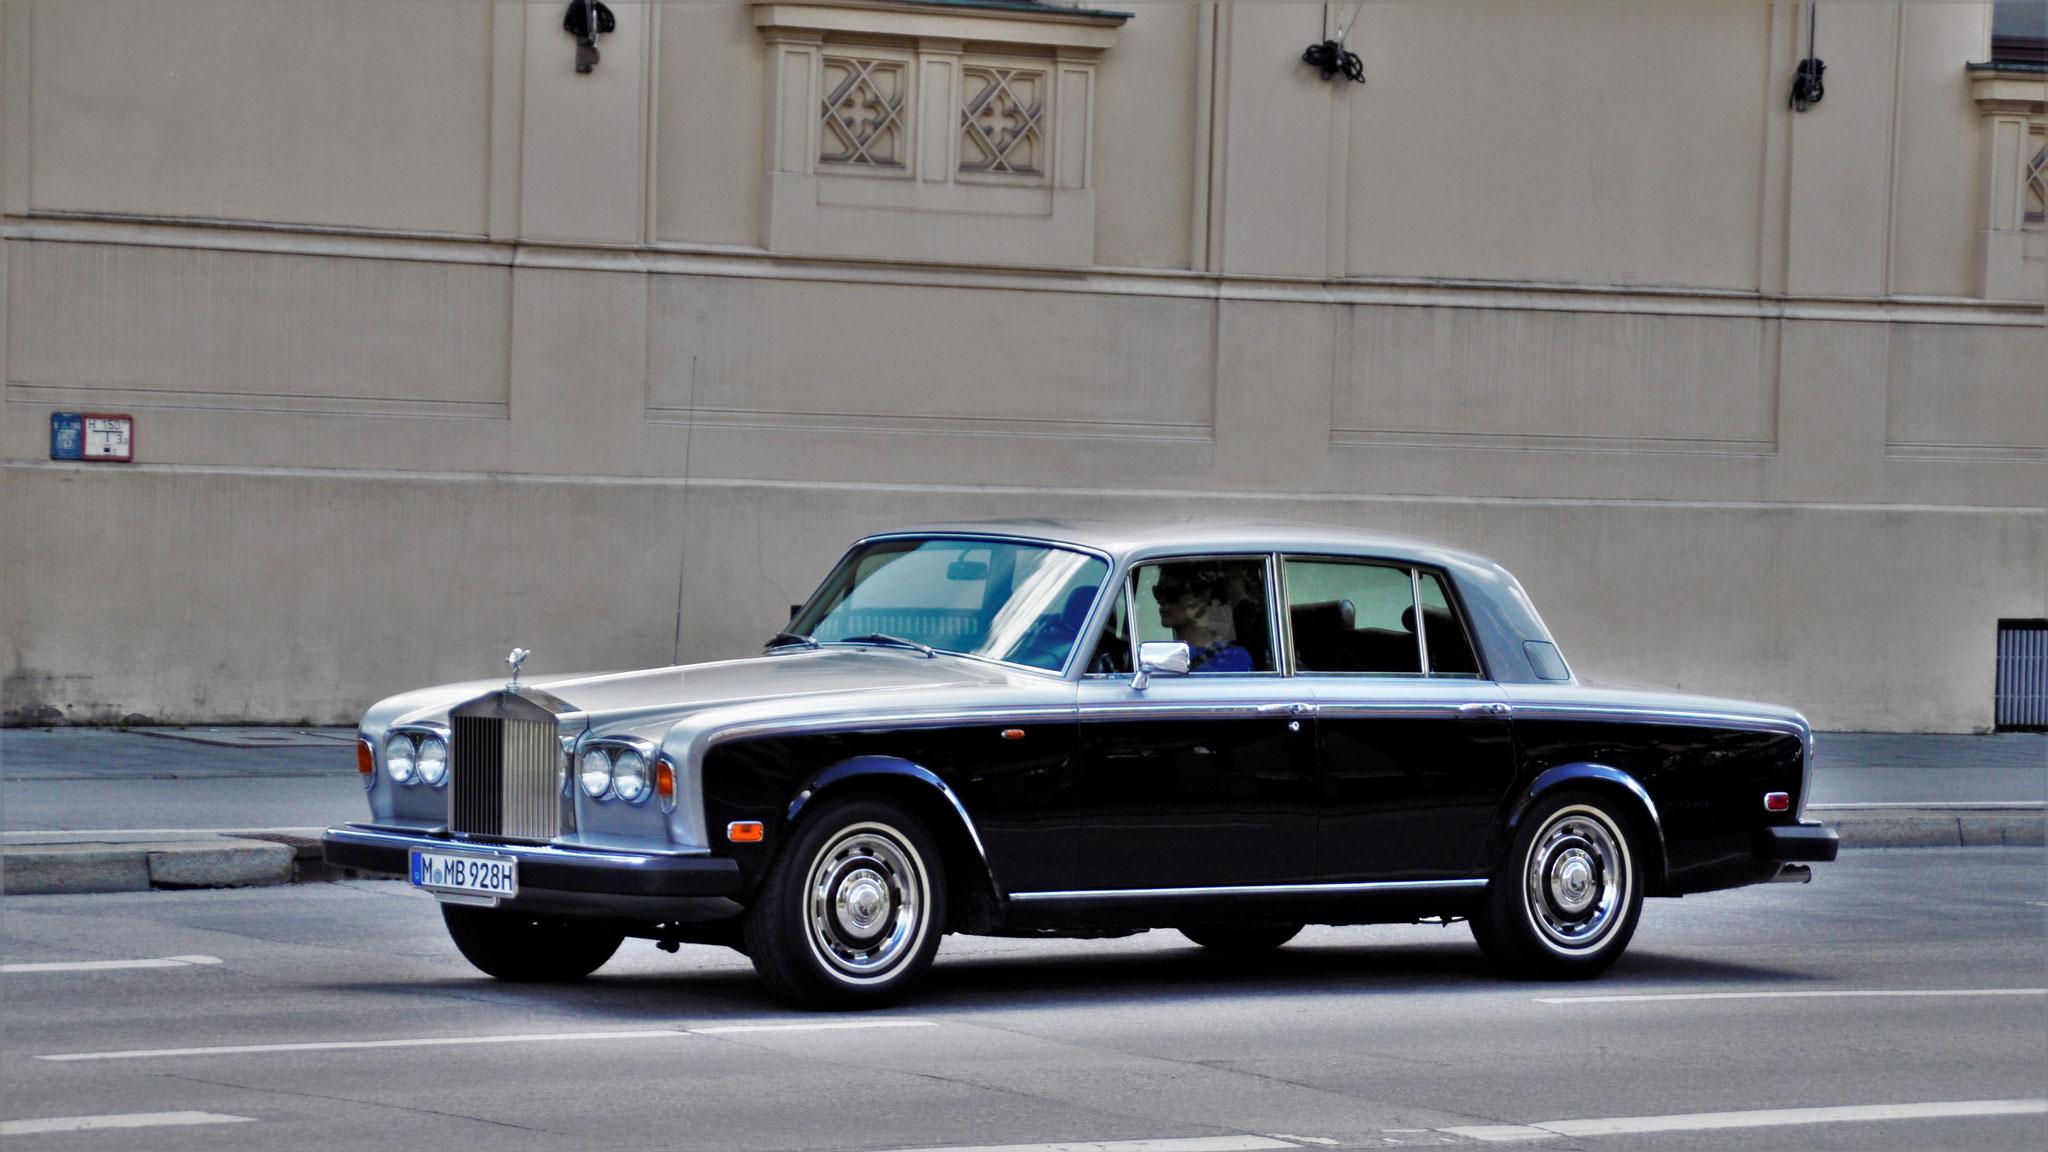 Rolls Royce Silver Shadow - M-MB-928H